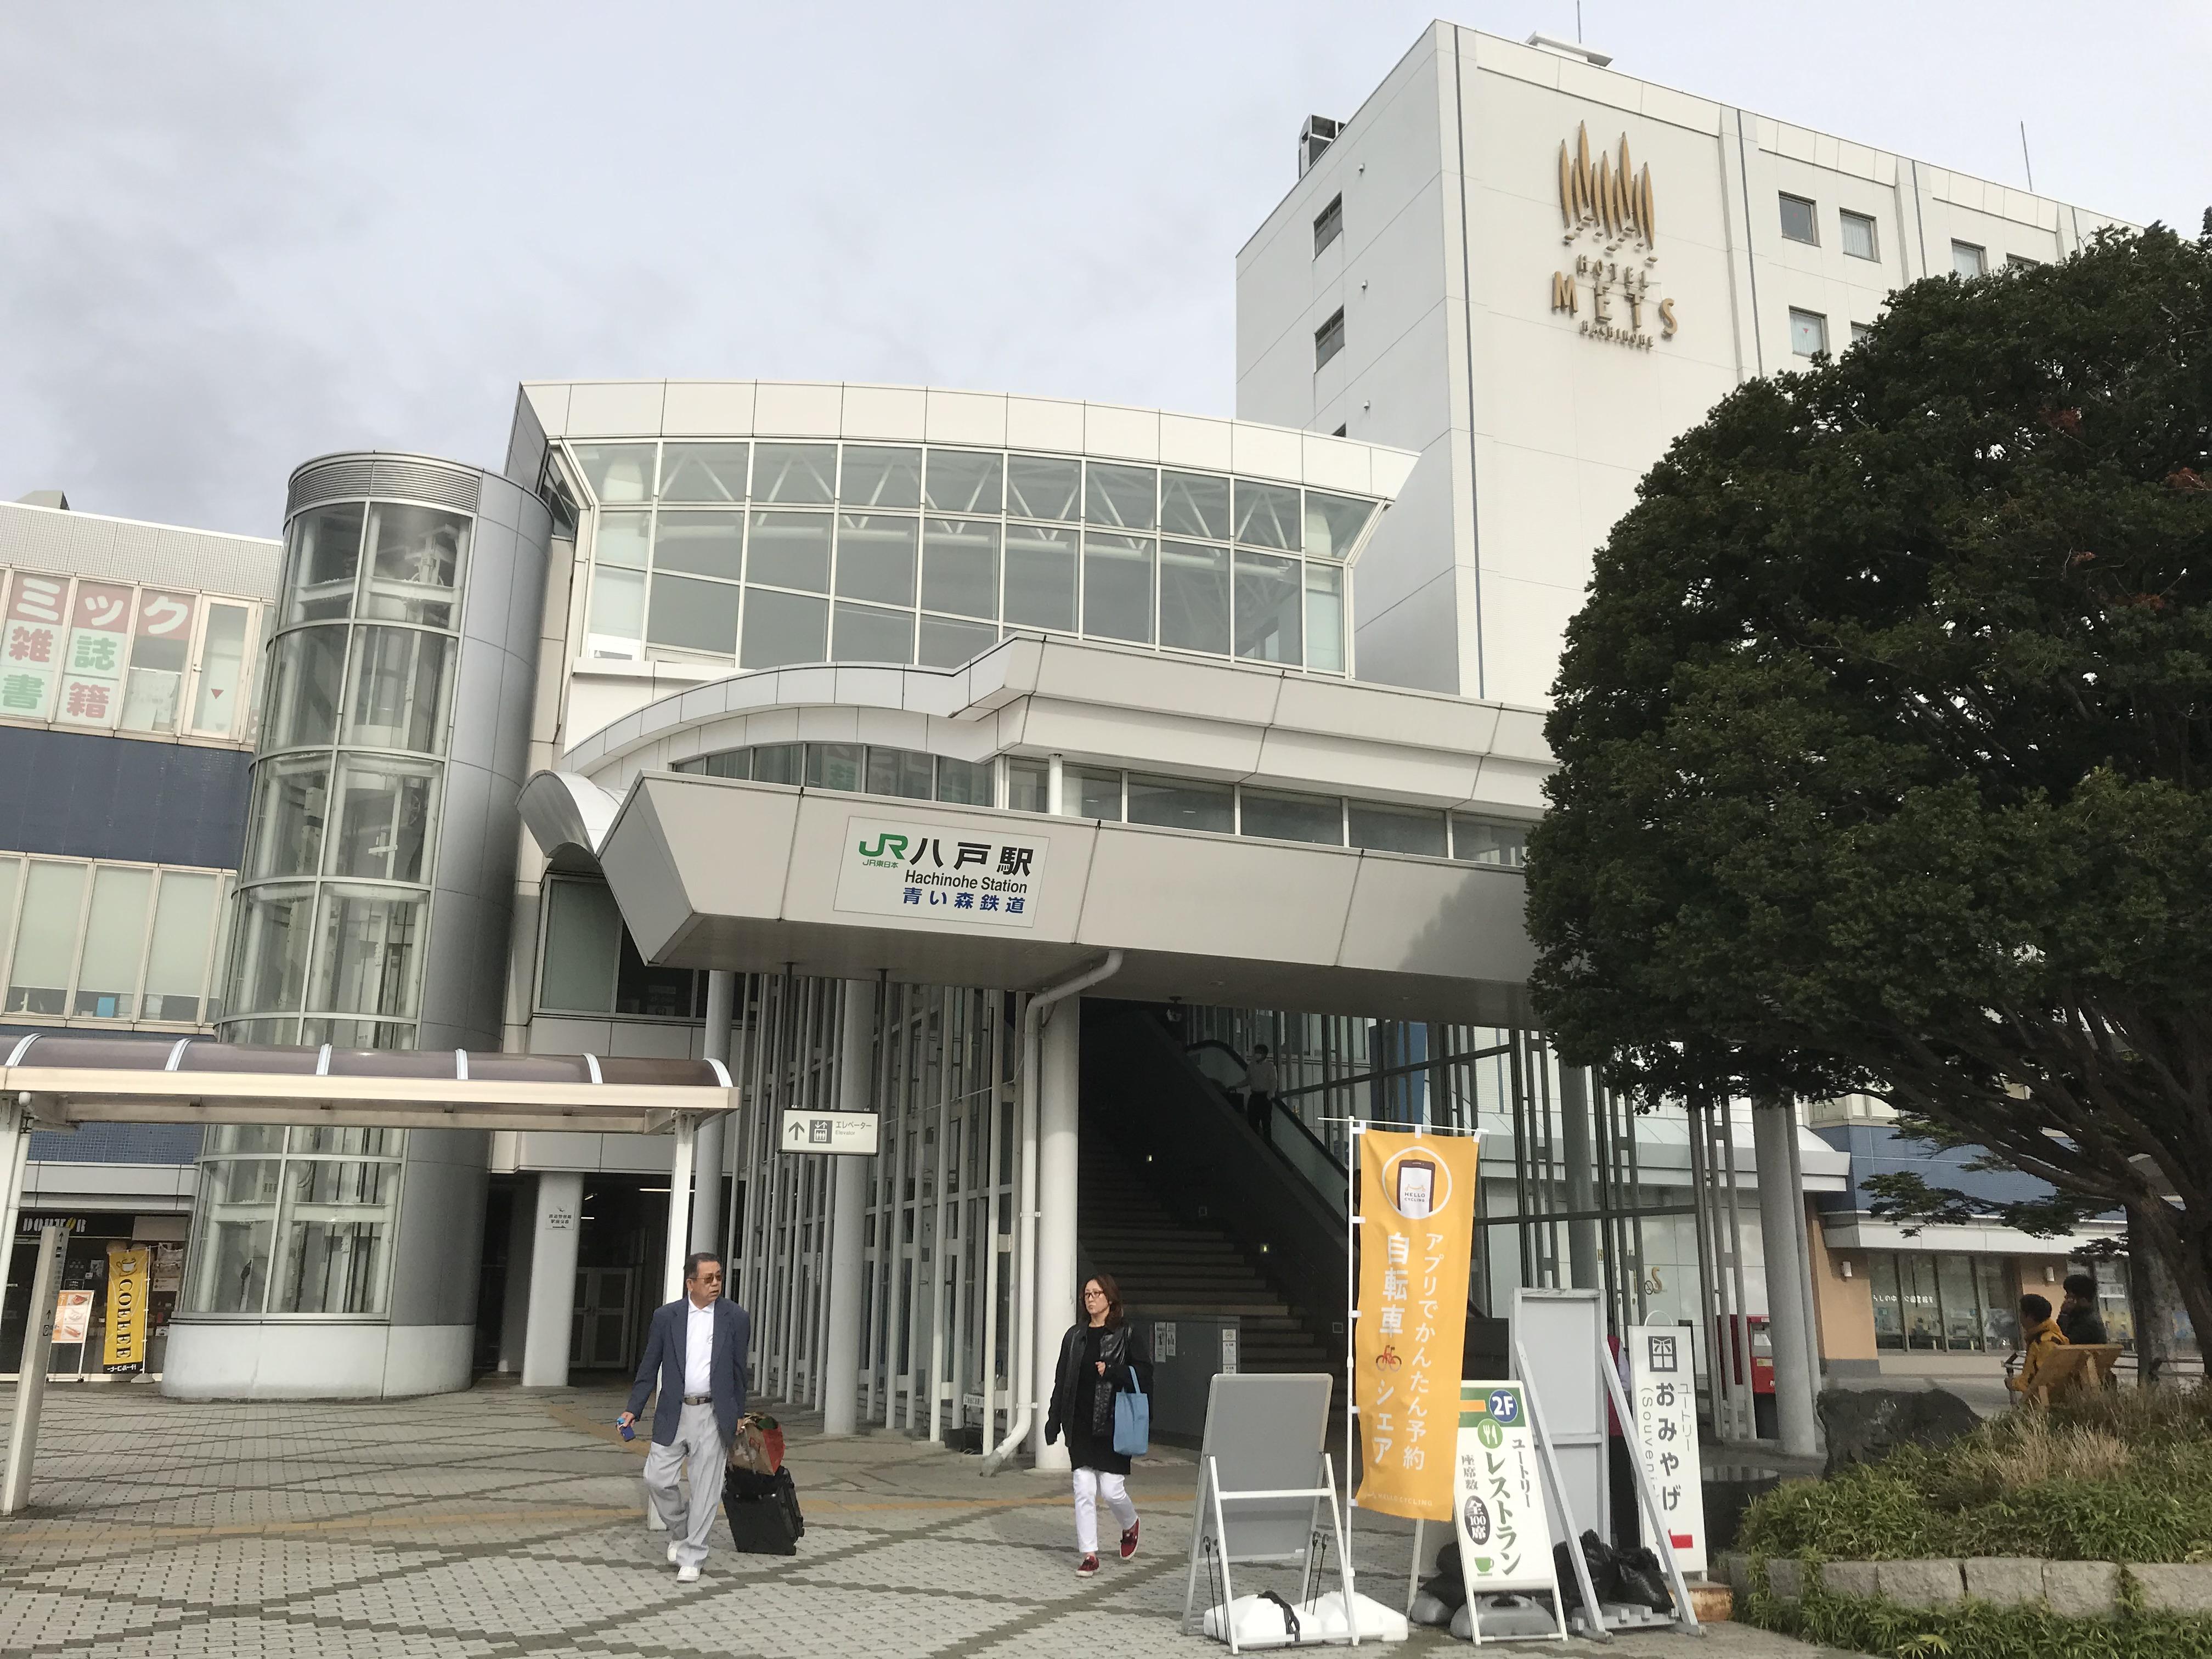 八戸駅前 シェアサイクルの旗がある。左の高架下部分にポートがある。